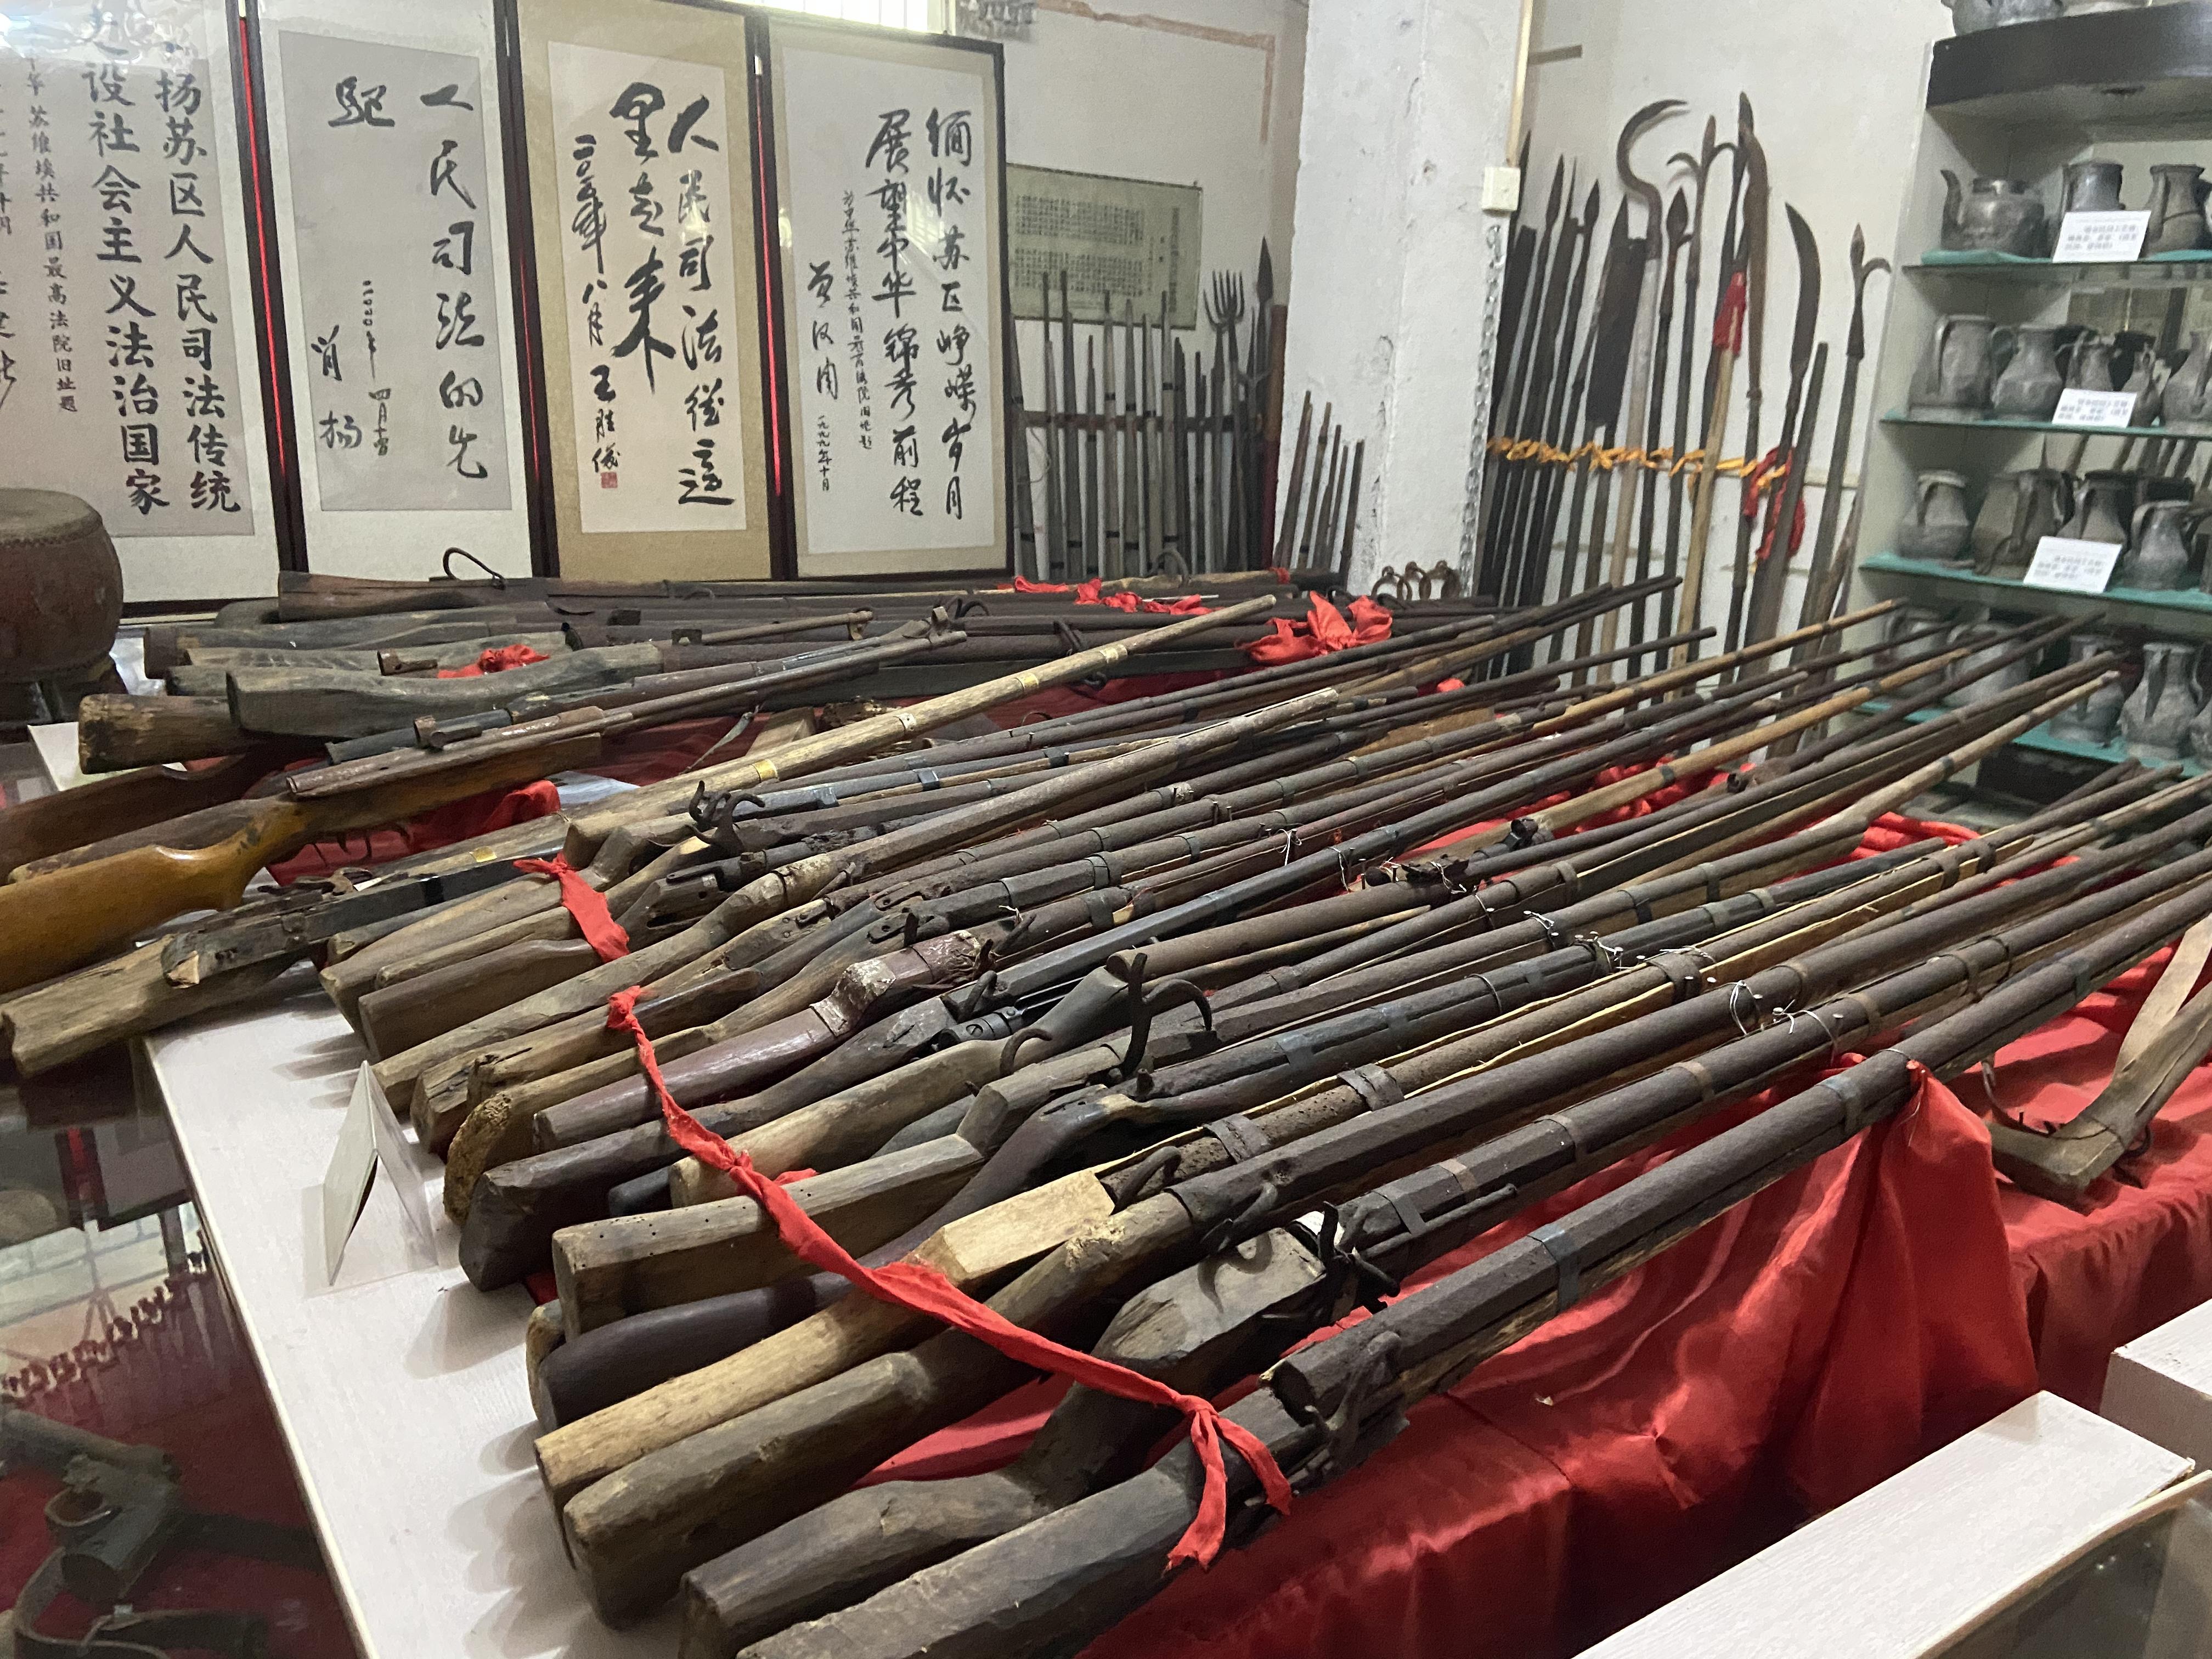 严帆收藏的部分红军使用过的土枪土炮。澎湃新闻记者 赵思维 摄